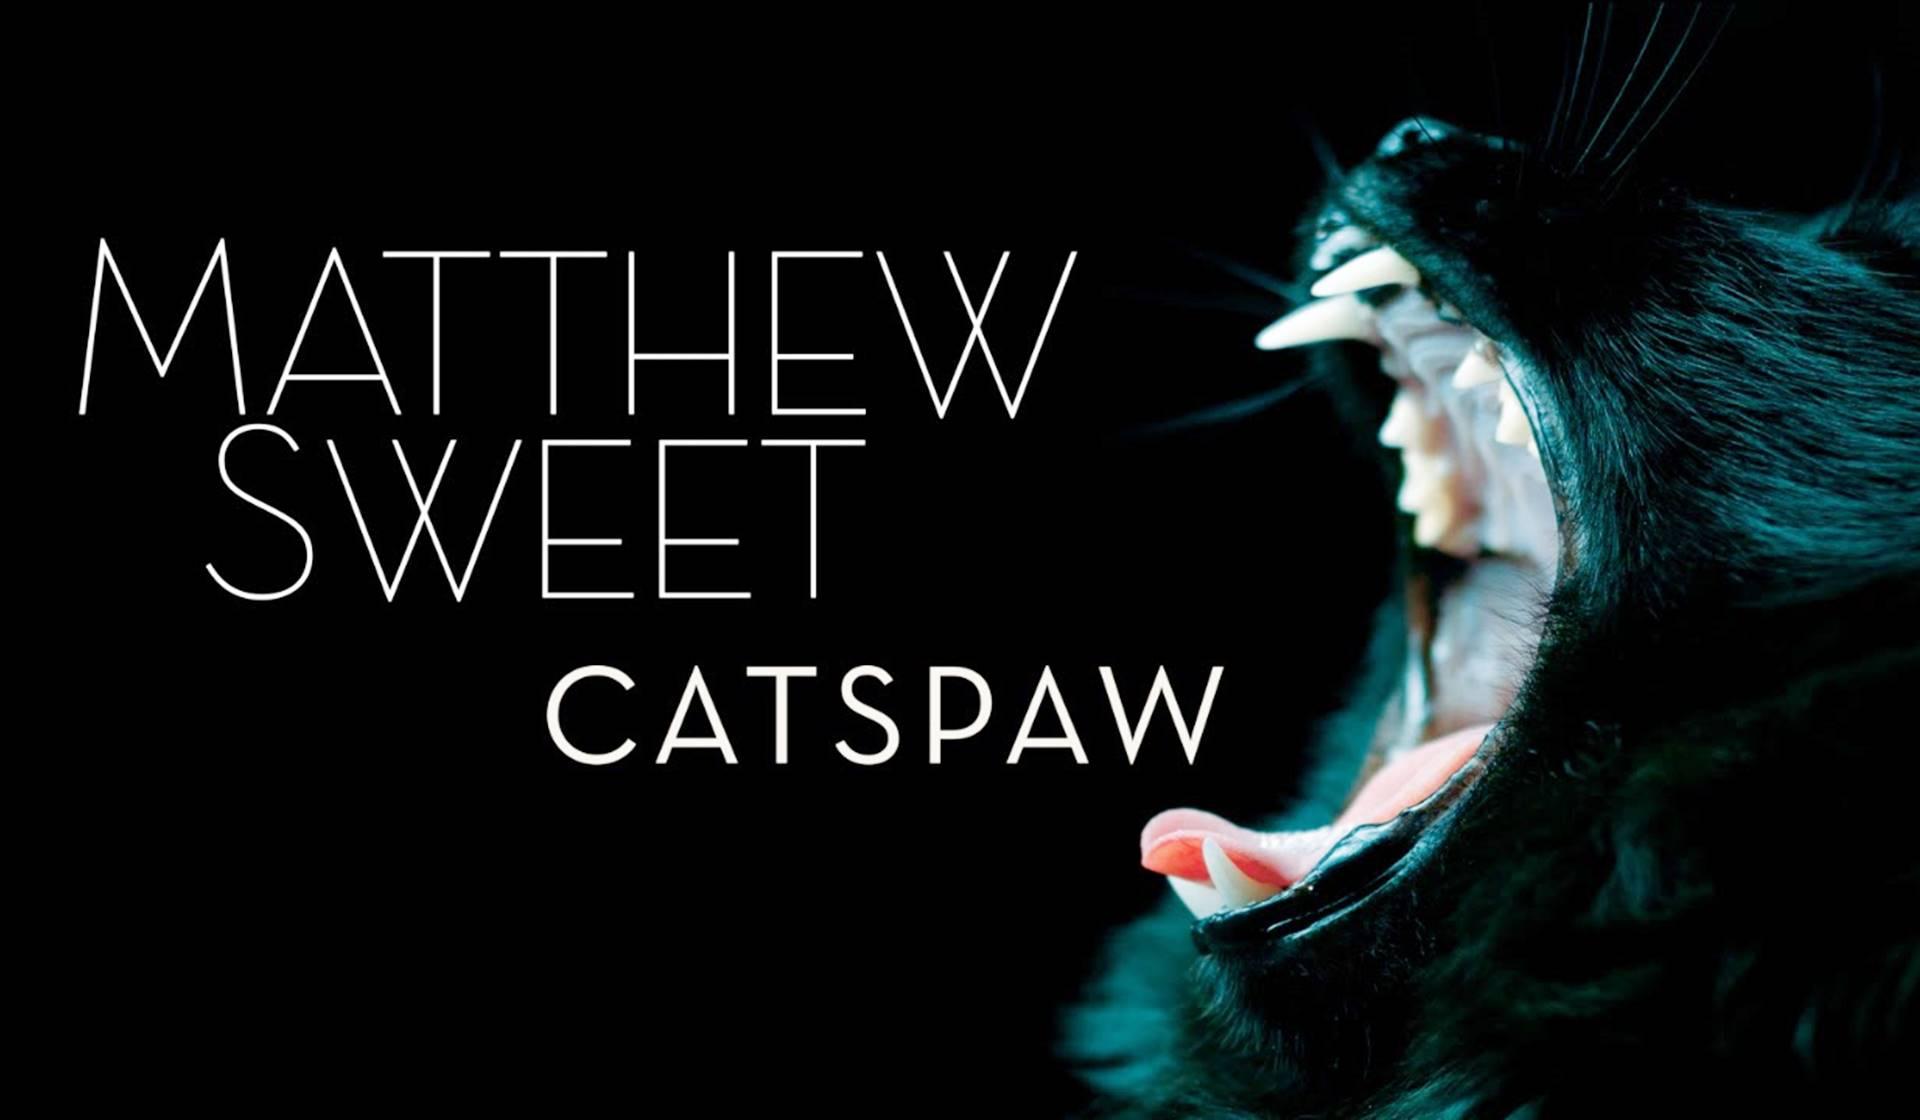 Matthew Sweet y su nuevo álbum 'Catspaw' en solitario